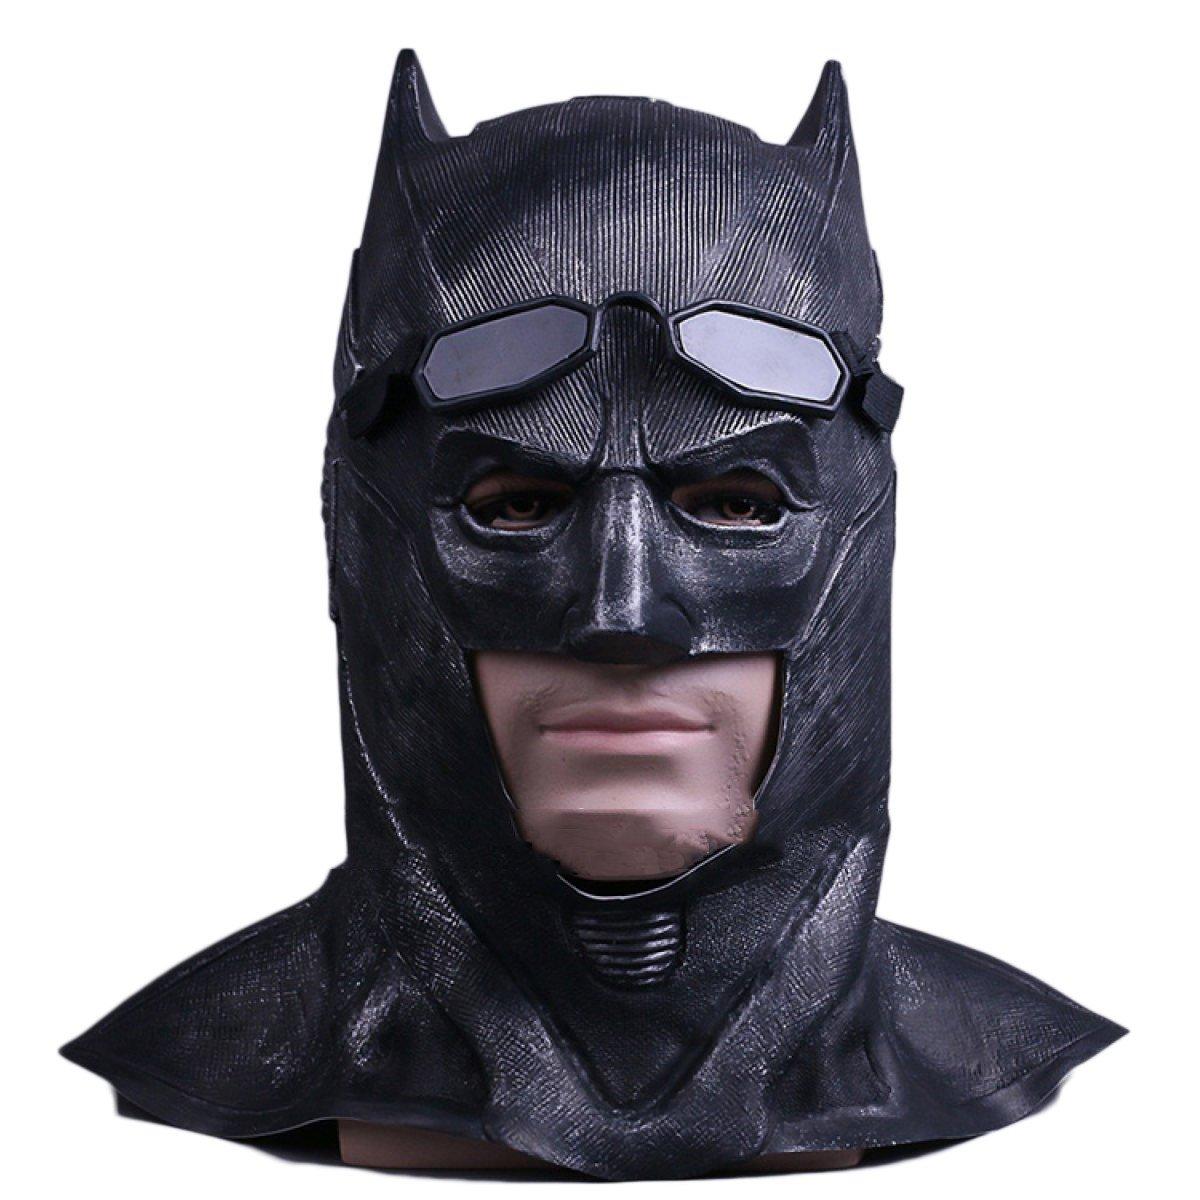 Todo en alta calidad y bajo precio. Cosplay Cosplay Cosplay Máscara Batman Máscara Justice Union Hood Halloween Masquerade Show Dress Bar Mask Props,JusticeLeagueBatmanHoodie-OneSize  ¡envío gratis!